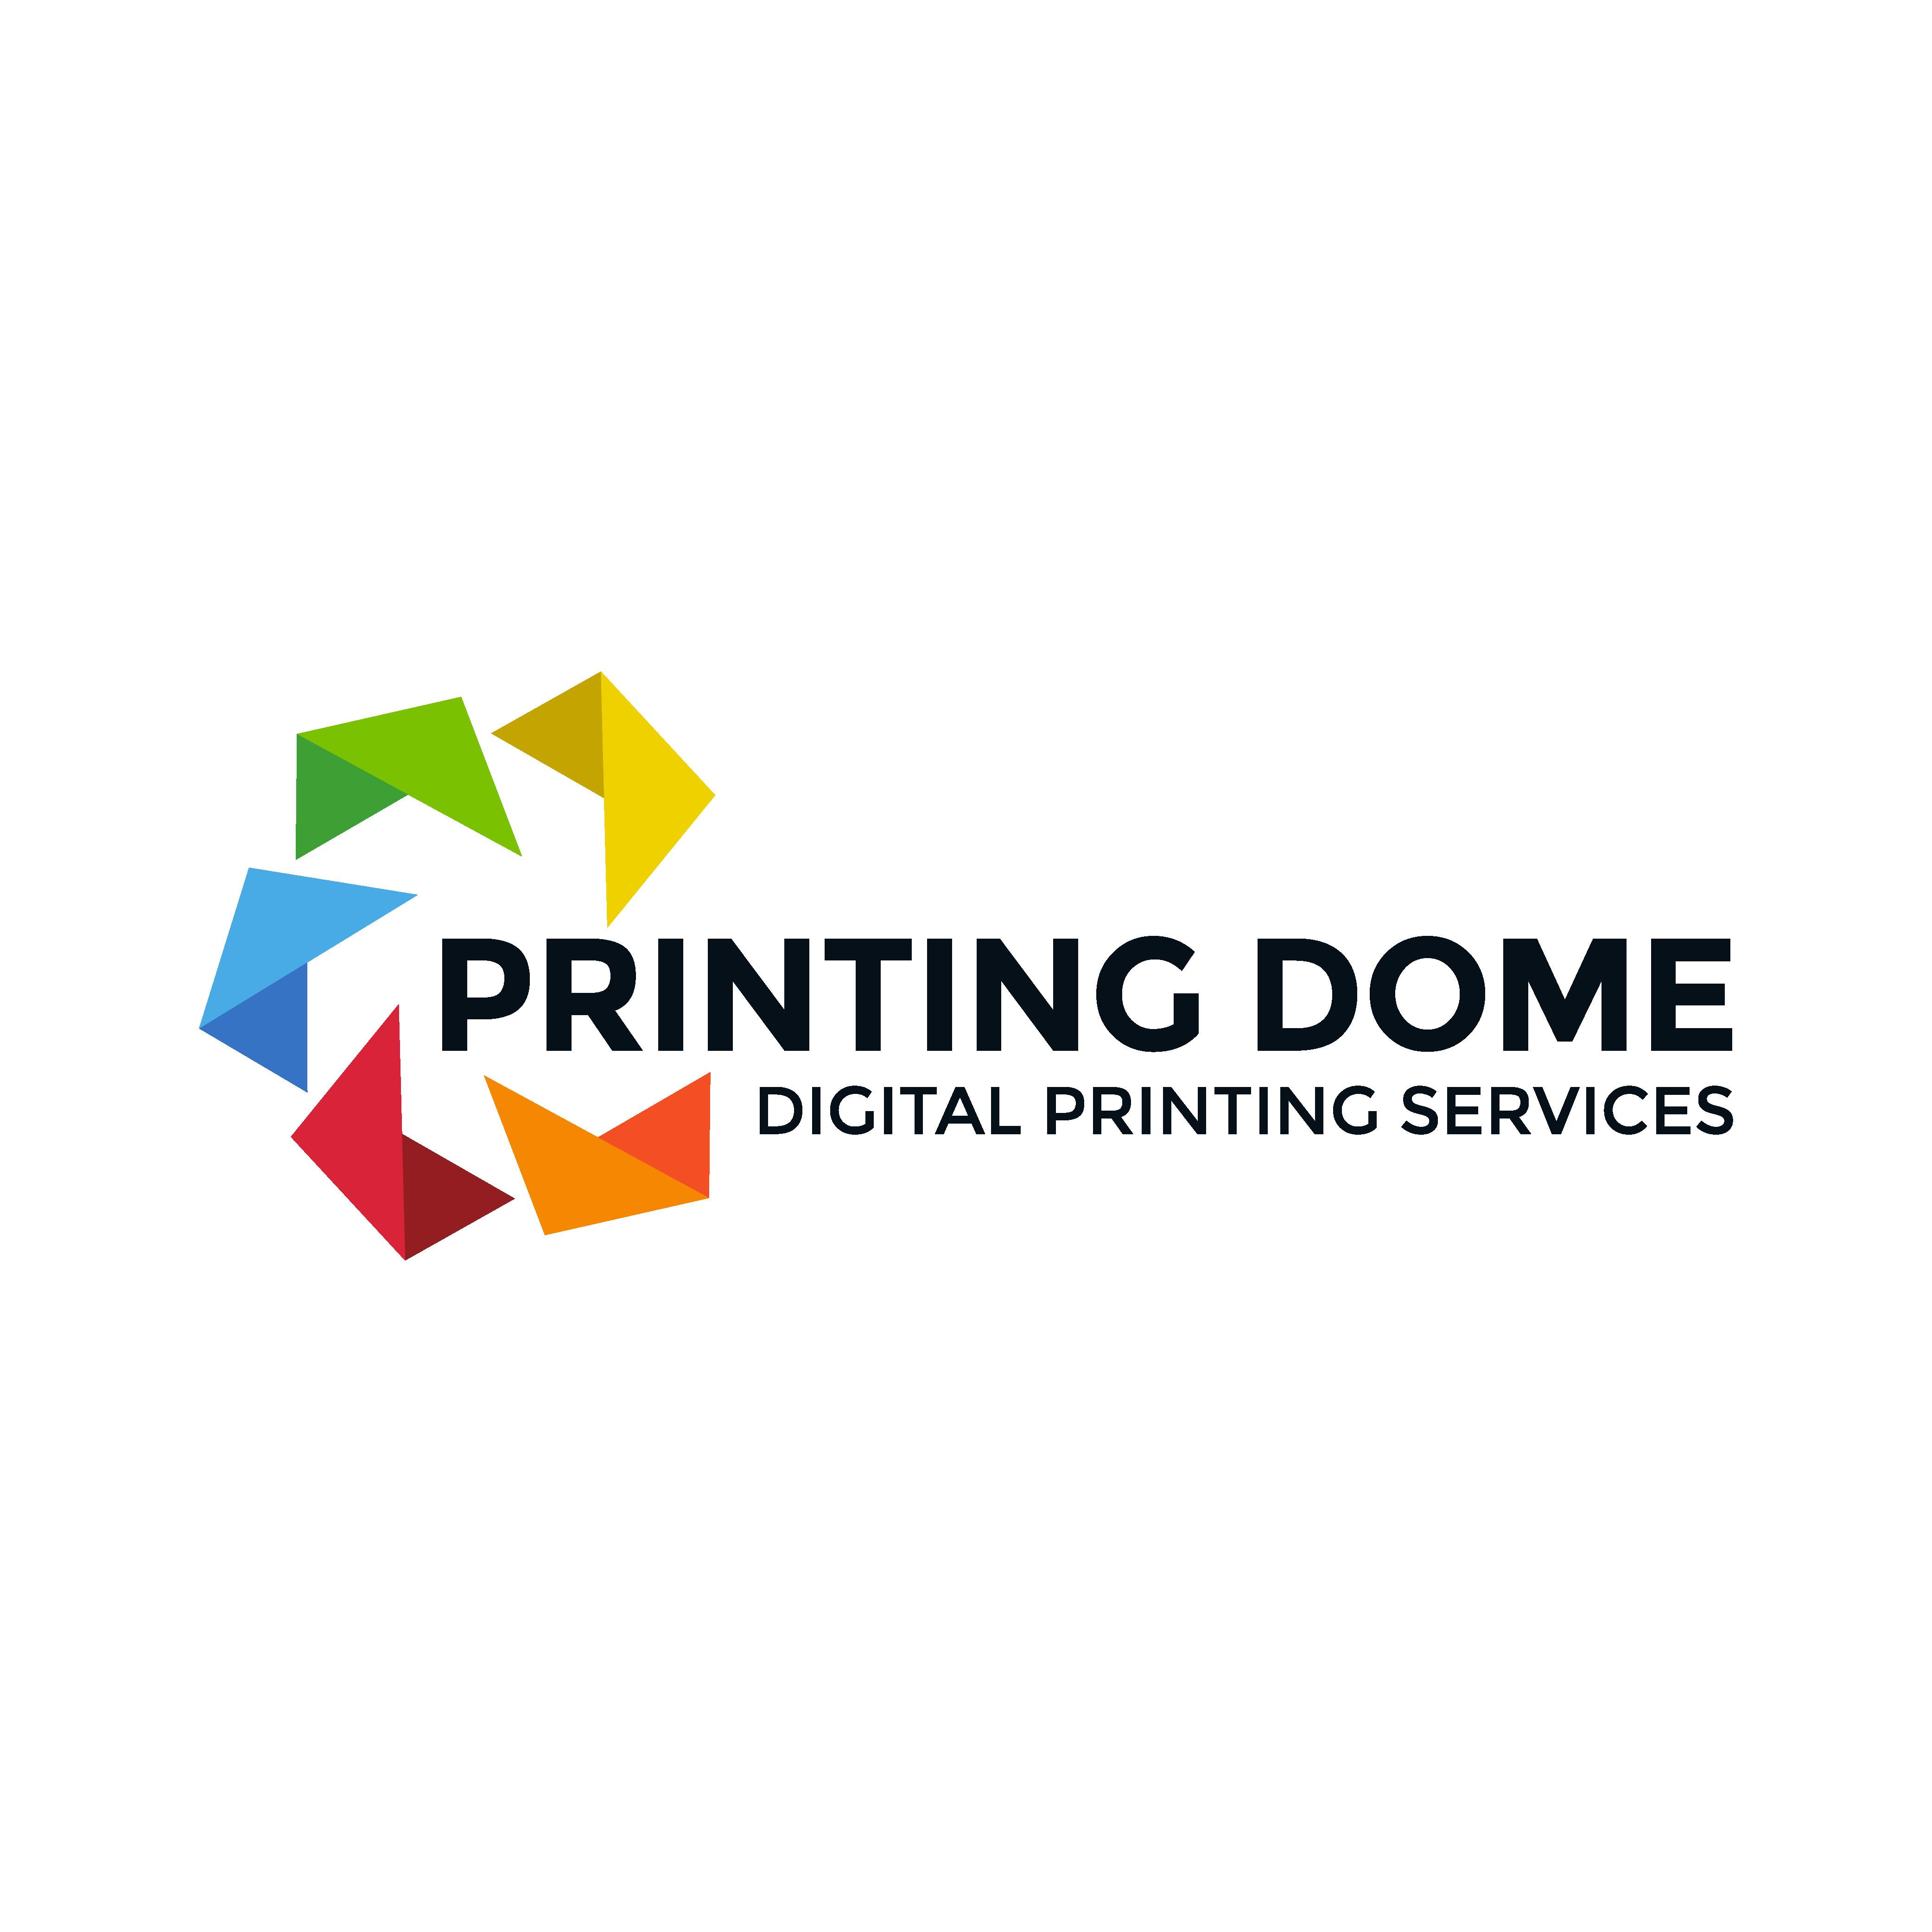 Printing Dome